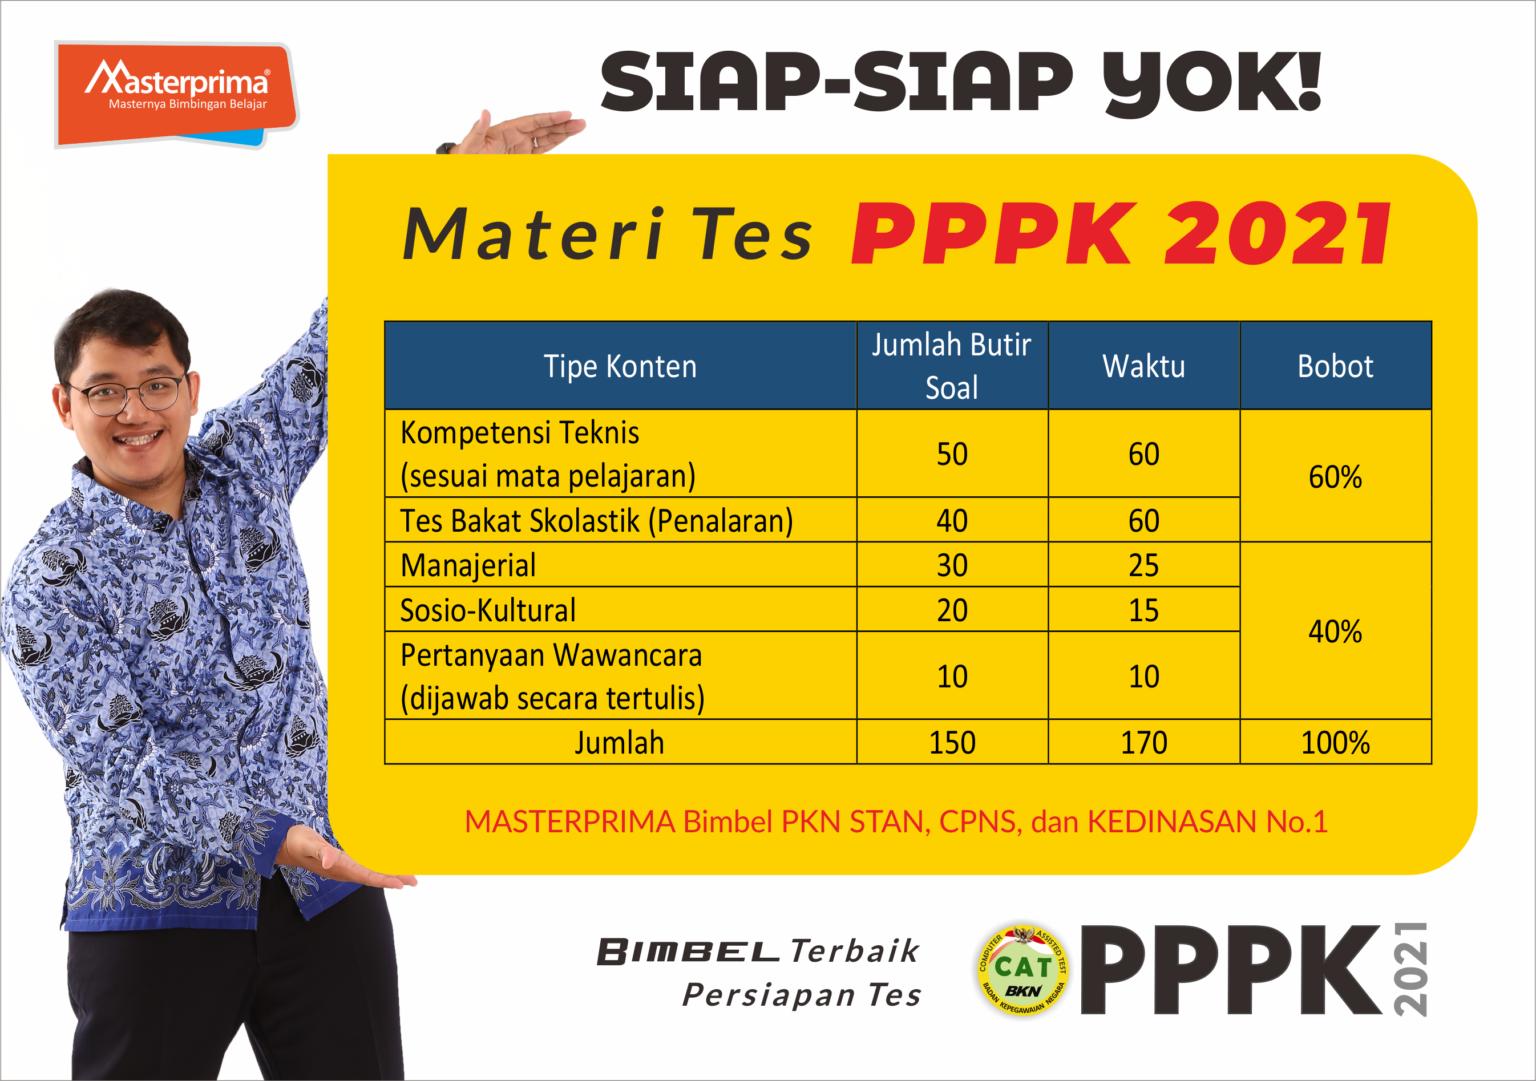 Materi Ujian, Kisi-Kisi Soal, dan Pendaftaran PPPK 2021 ...